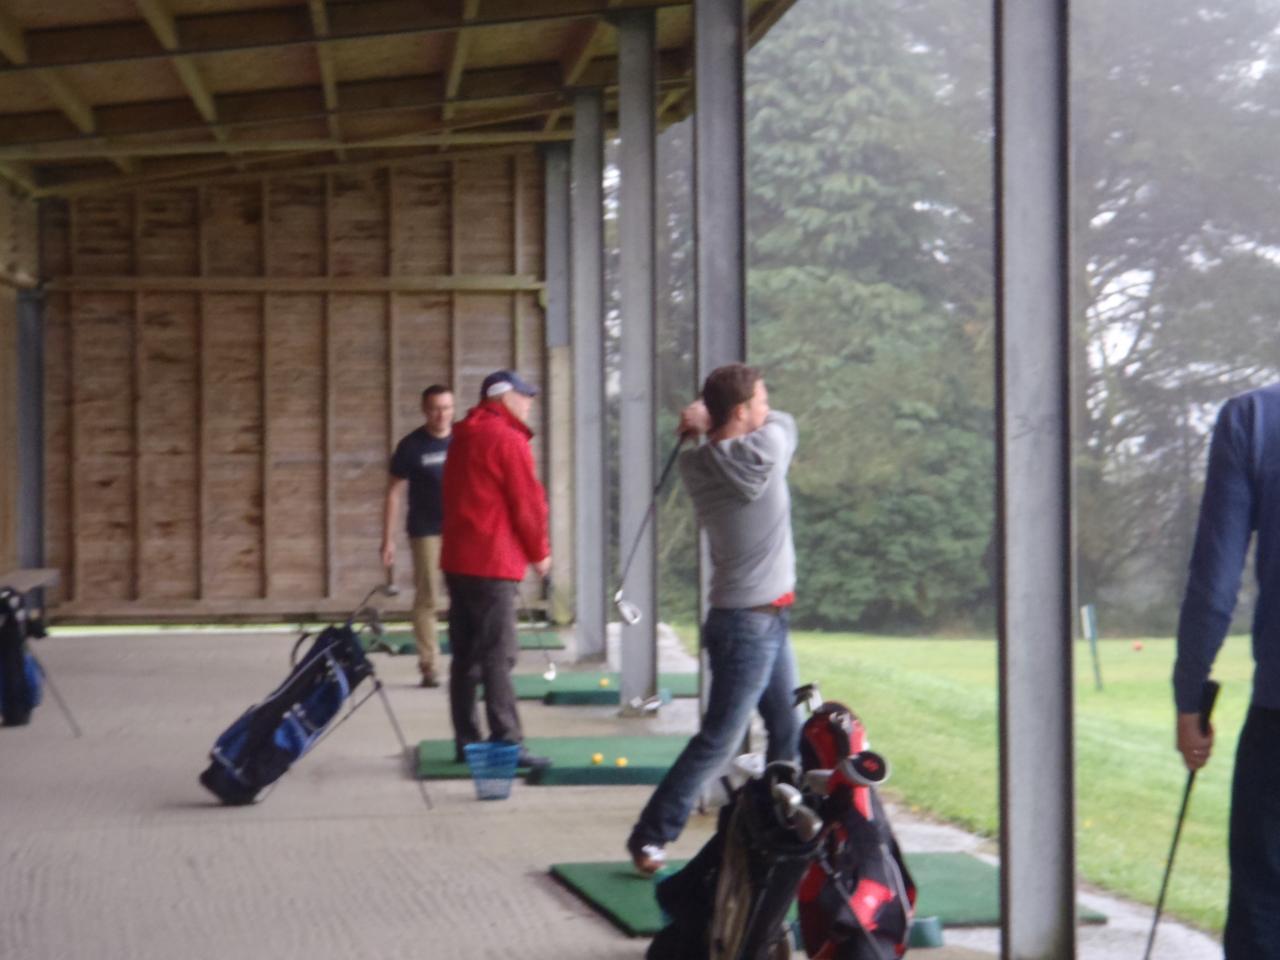 Le swing du golf recquiert une parfaite maîtrise technique